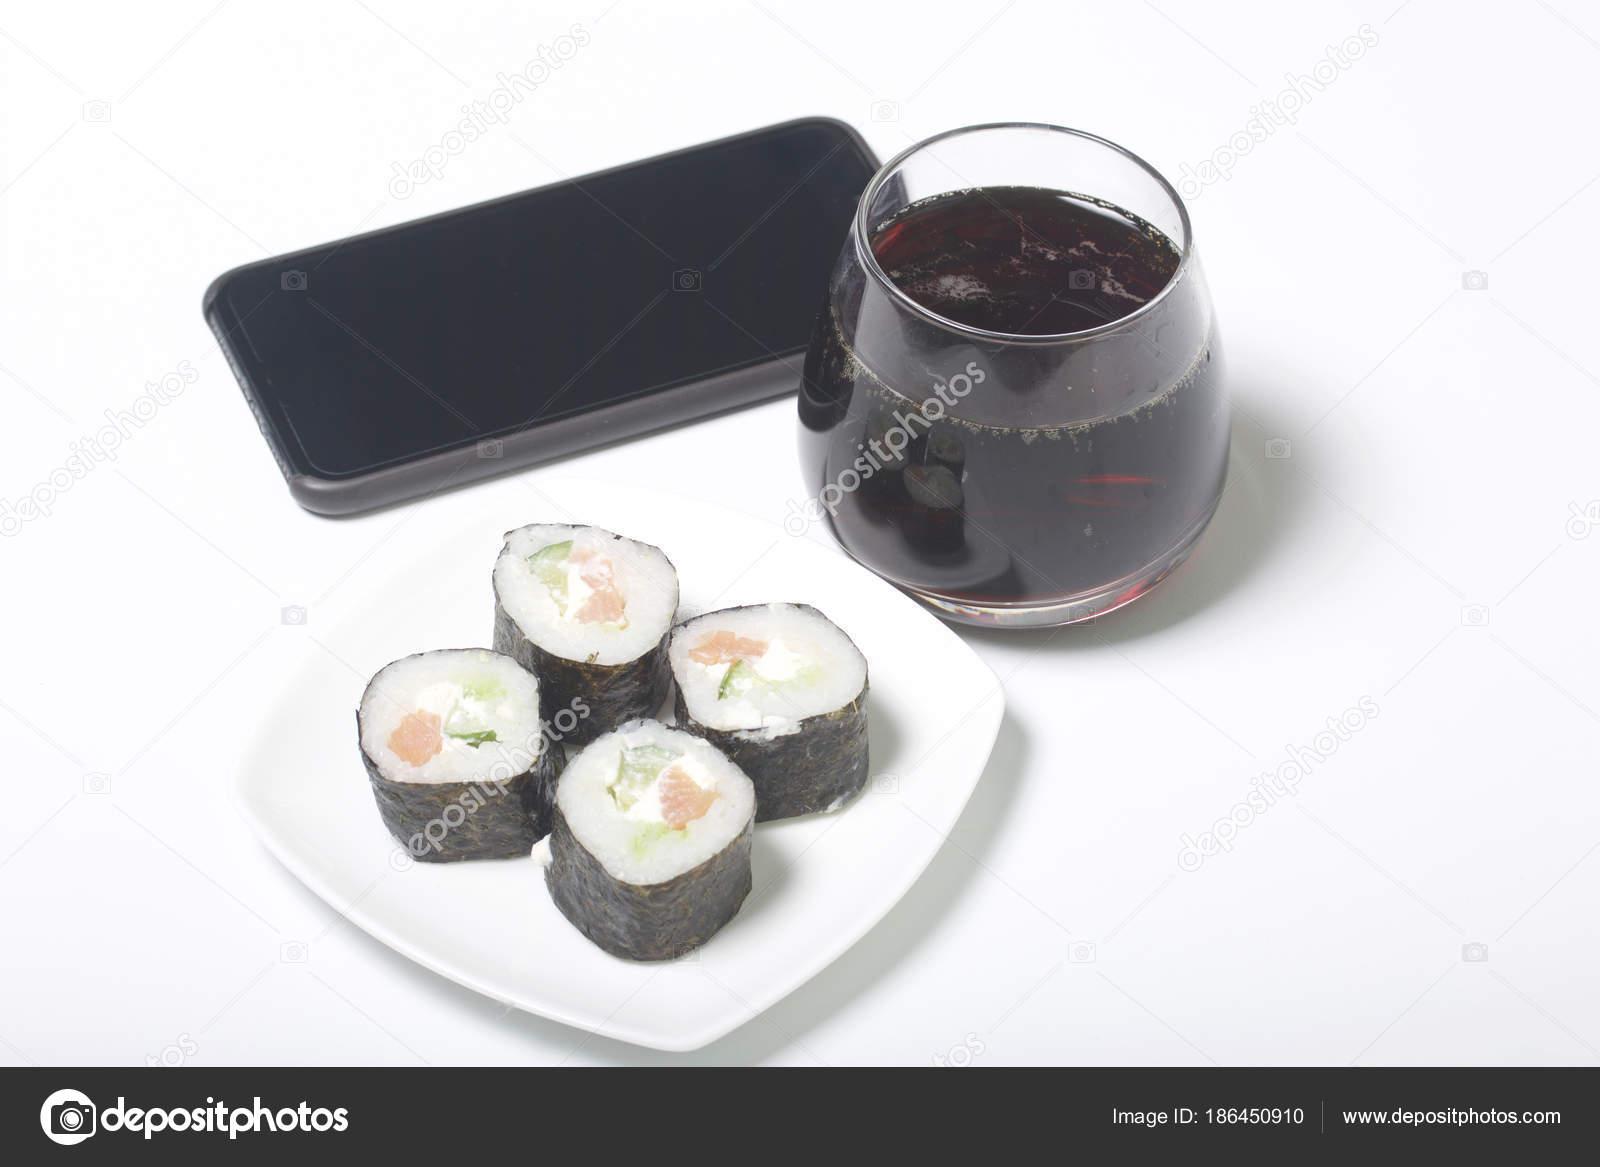 Cerveja e sushi. Fique perto do smartphone. O descanso com comida e on